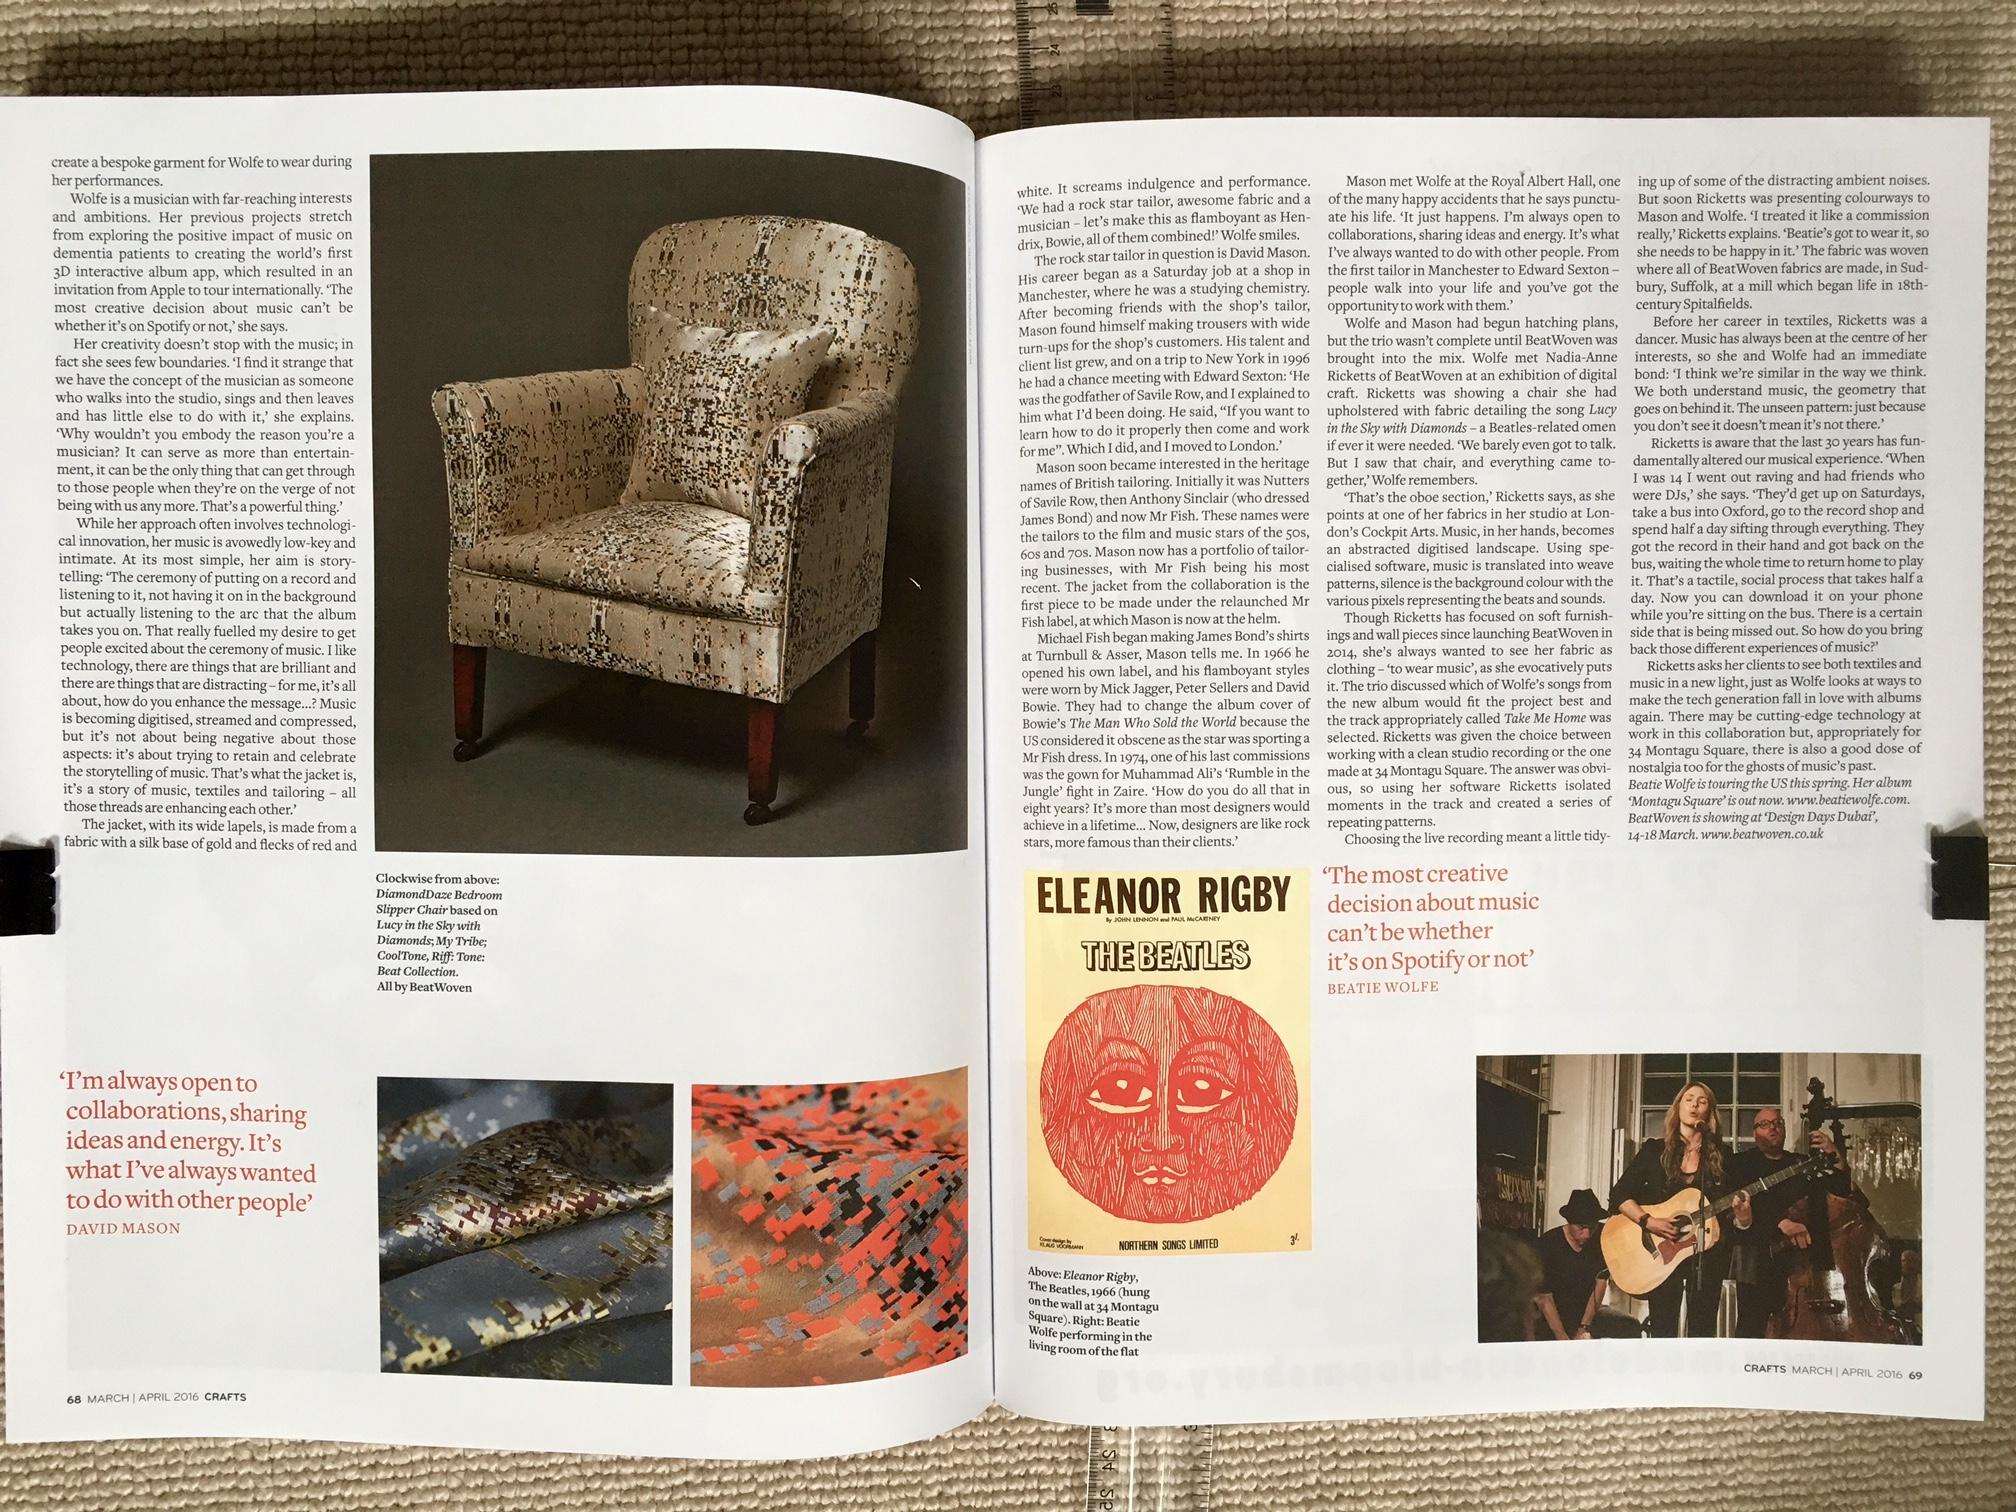 2016 Crafts Magazine - Beatie Wolfe Musical Jacket - pg 3-4.jpg